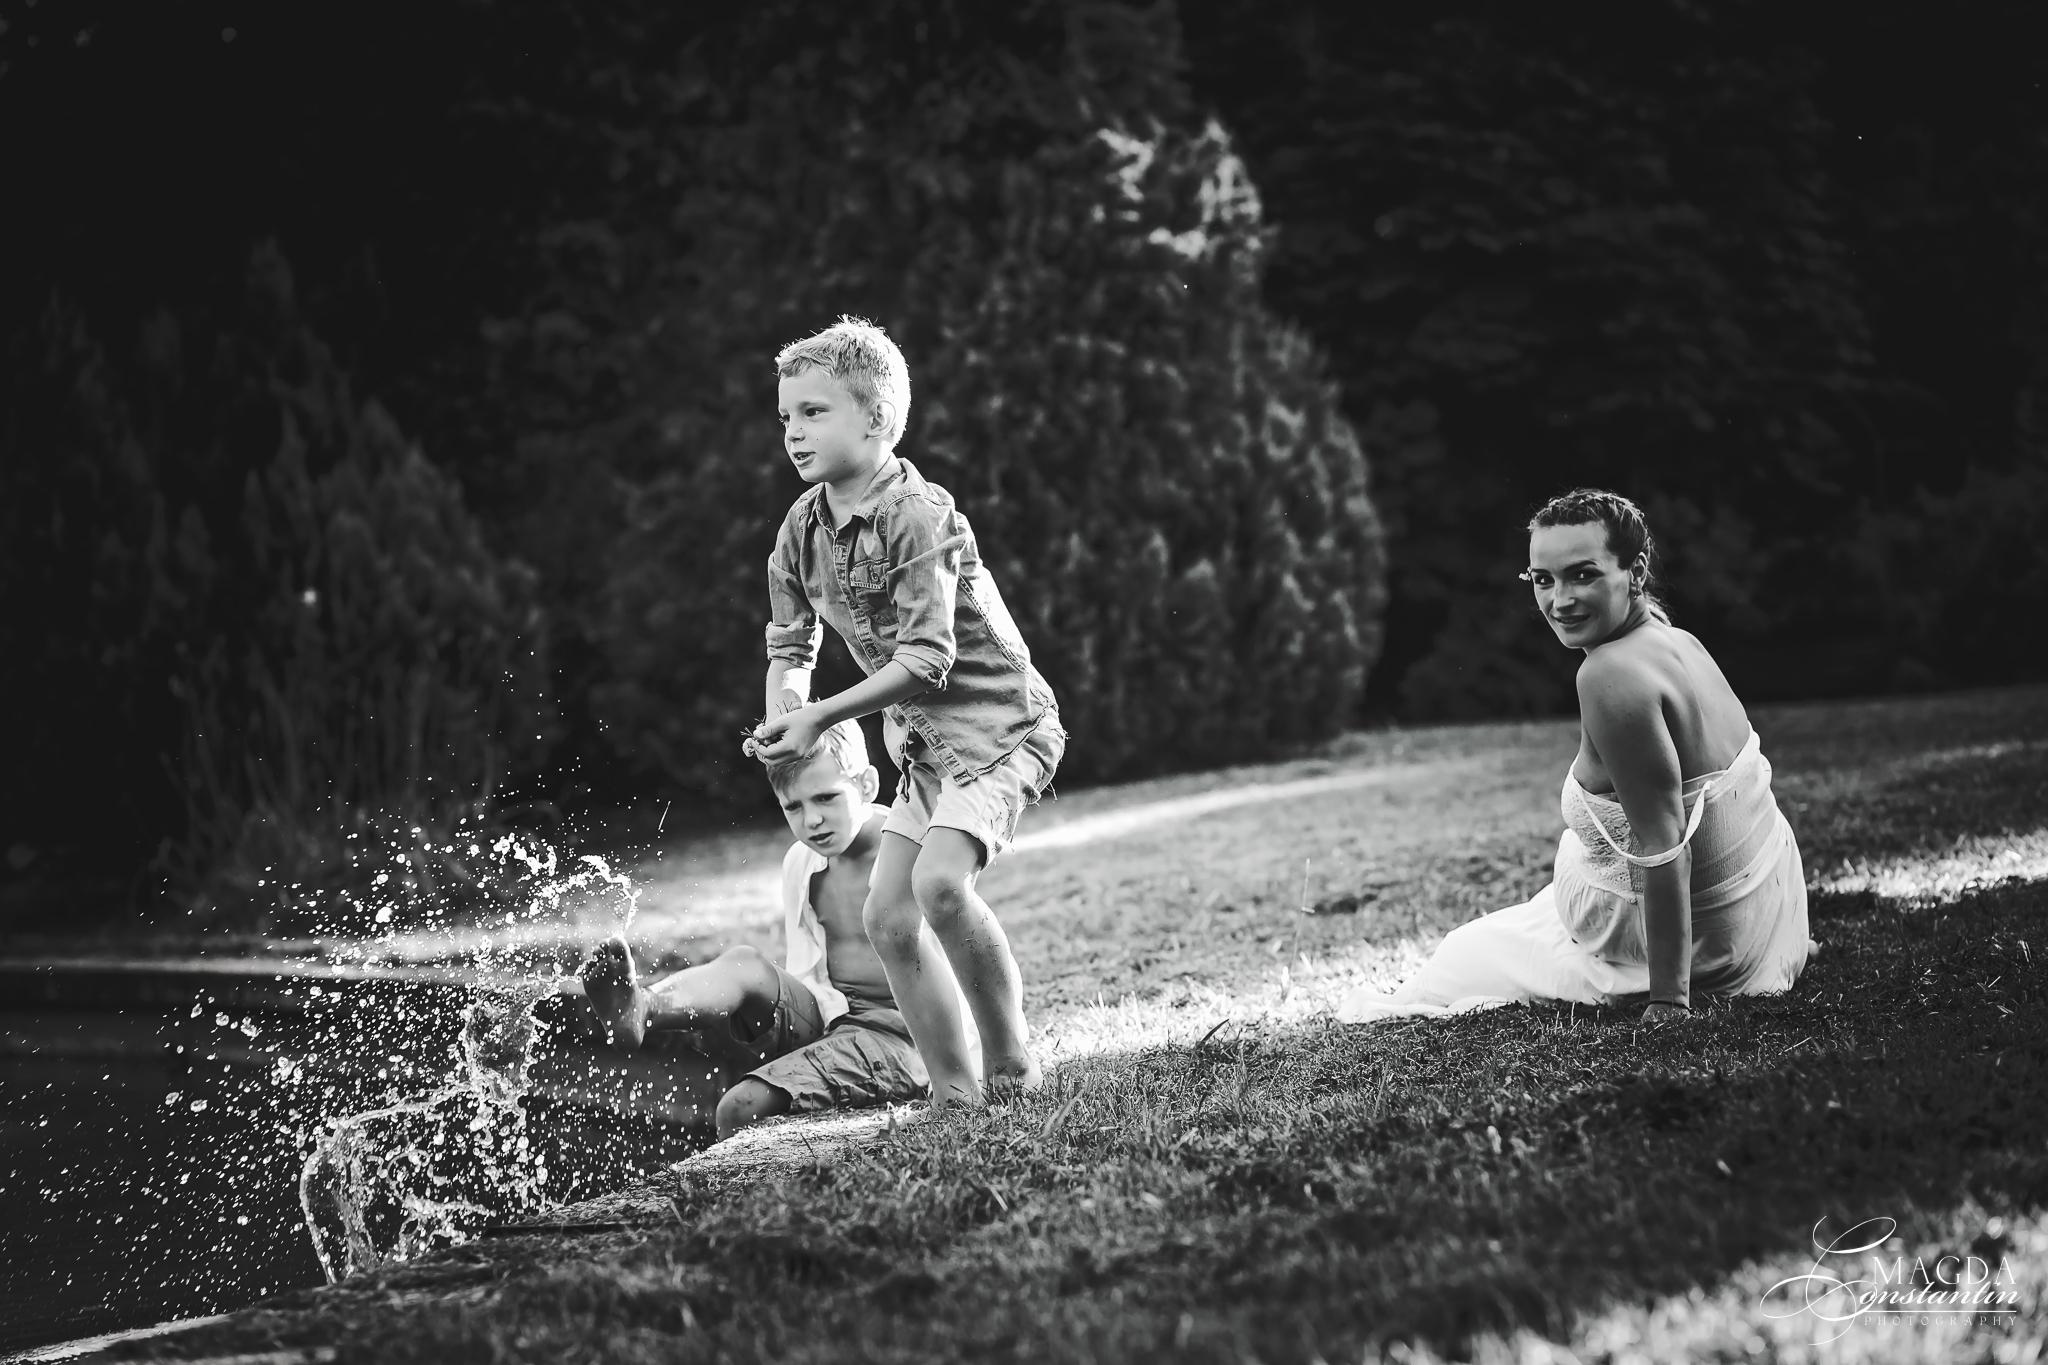 Sedinta foto de maternitate in natura cu stefania si cei doi baieti jucandu-se pe malul lacului in alb-negru in gradina botanica